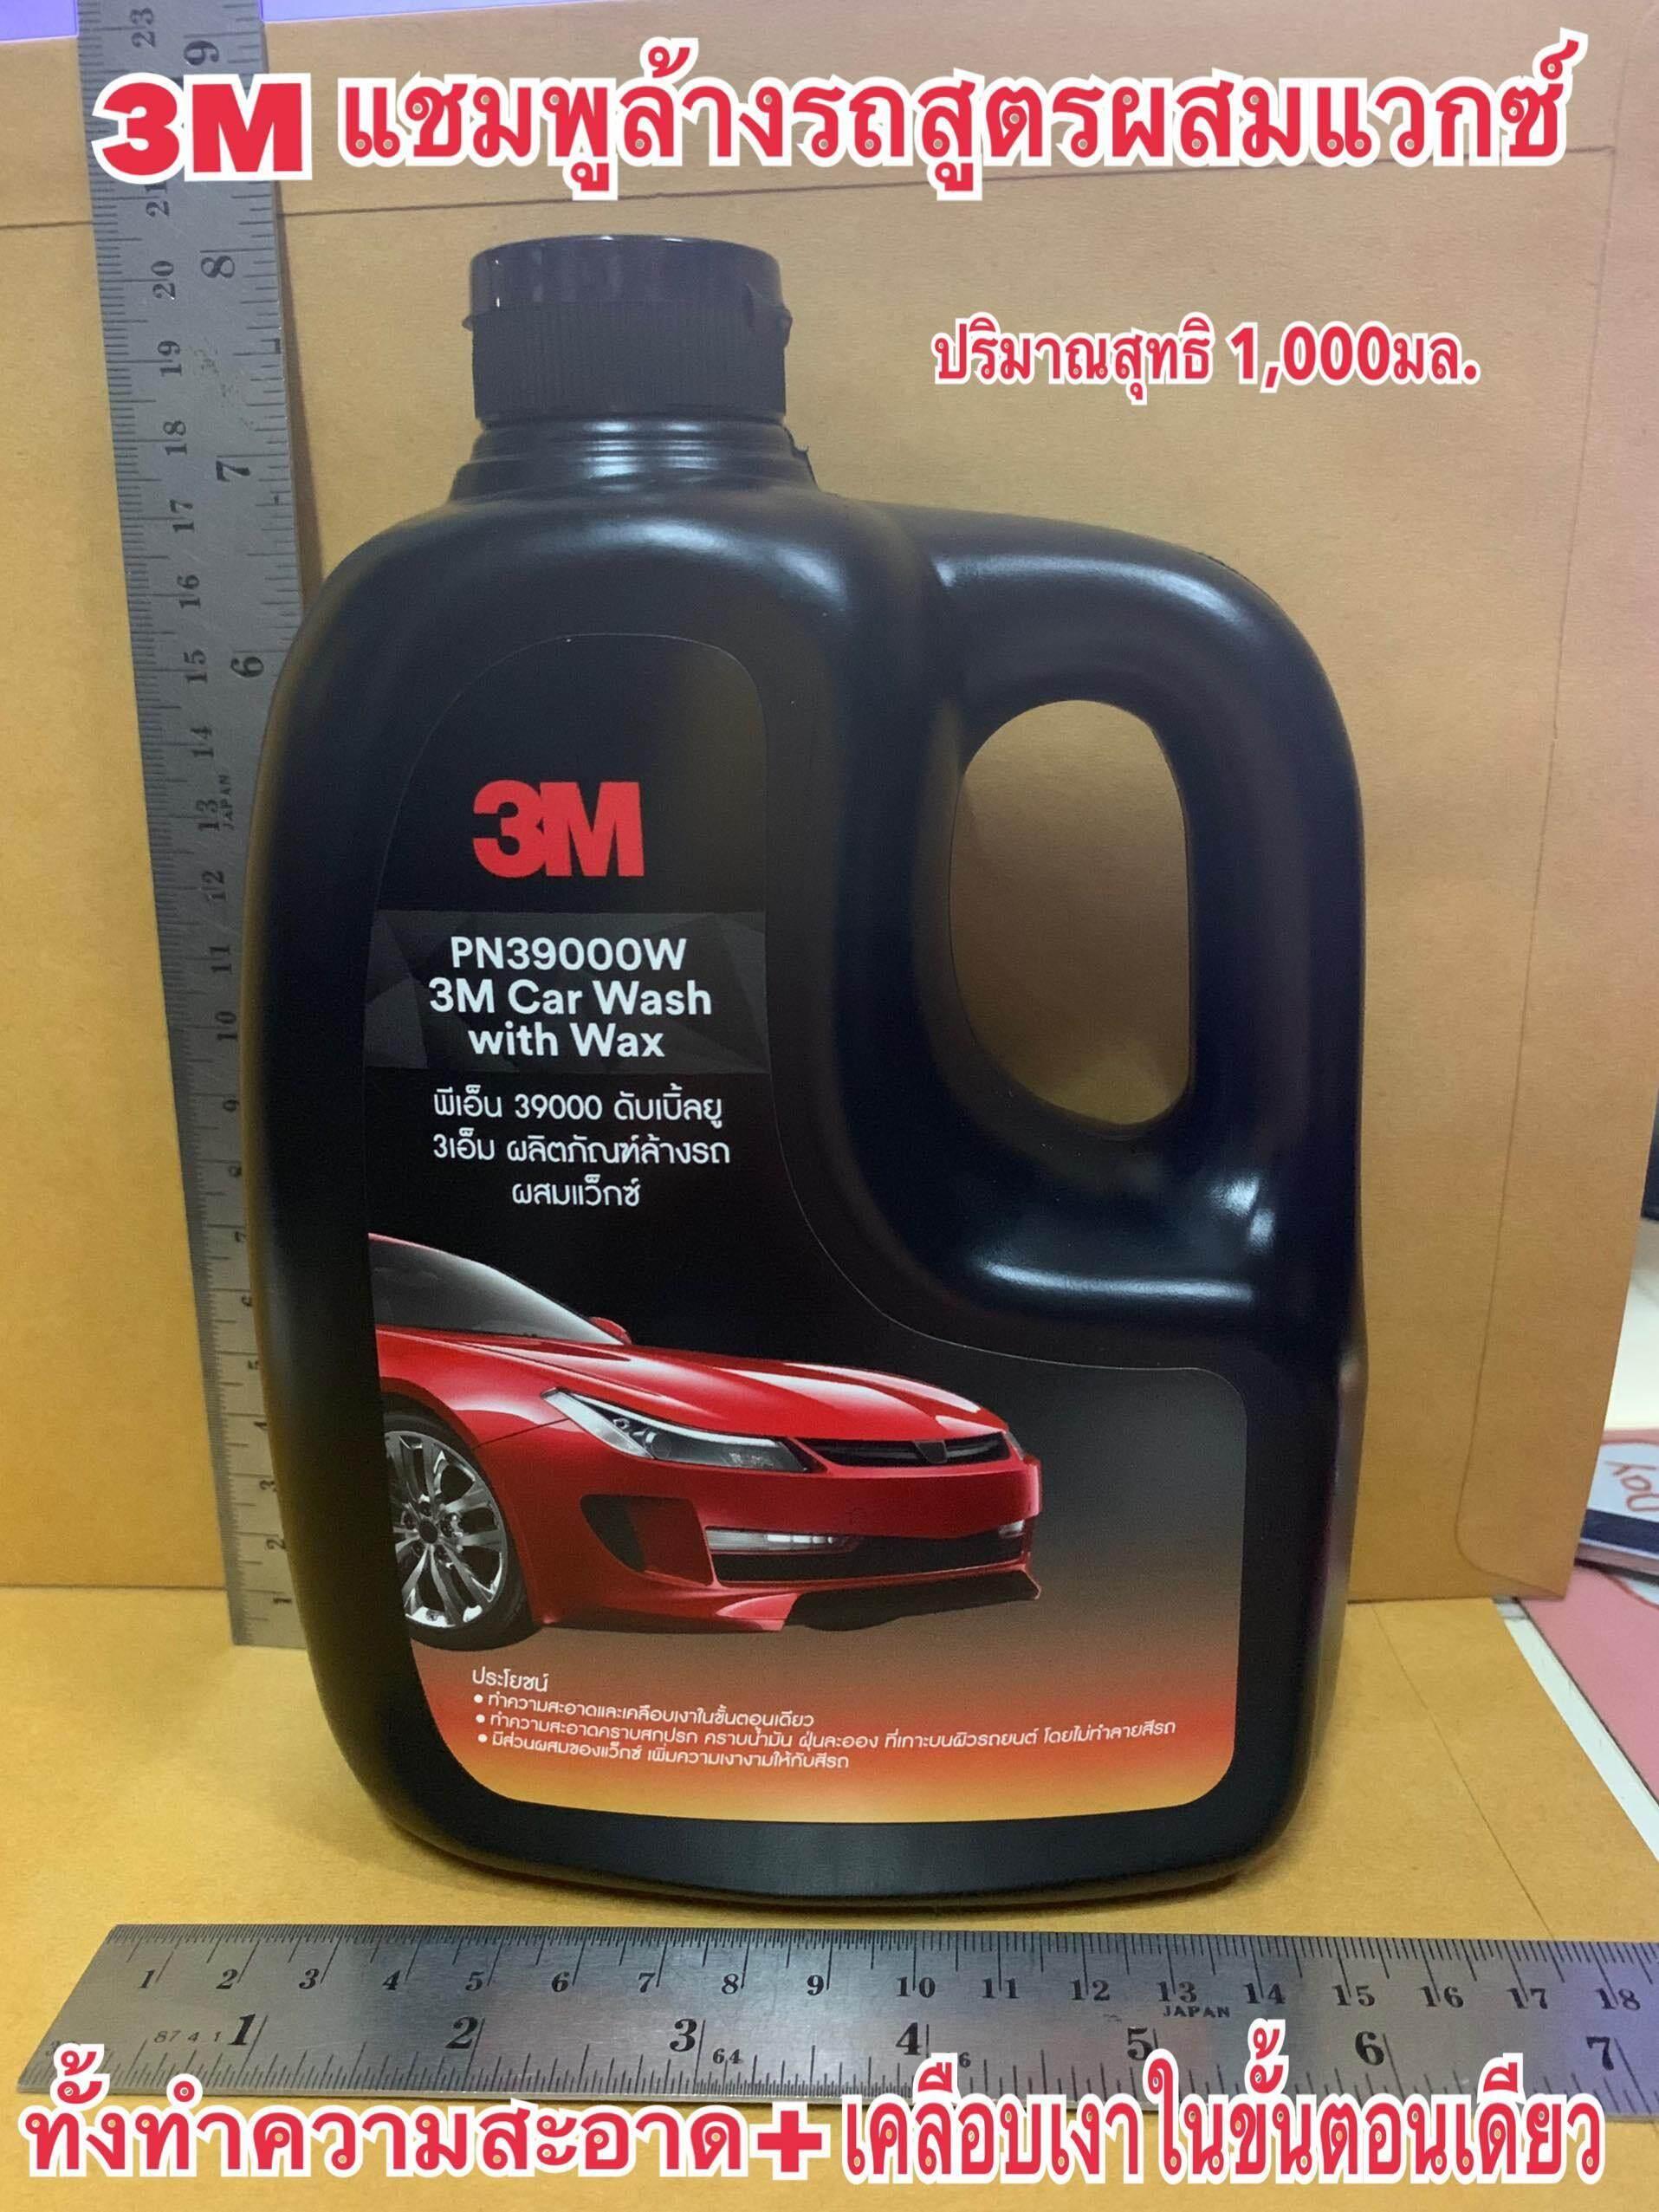 3m แชมพูล้างรถสูตรผสมแวกซ์ สะอาดและเงาในขั้นตอนเดียว ขนาด 1000มล. Car Wash With Wax 1000ml By Teeraphan-Uthong.